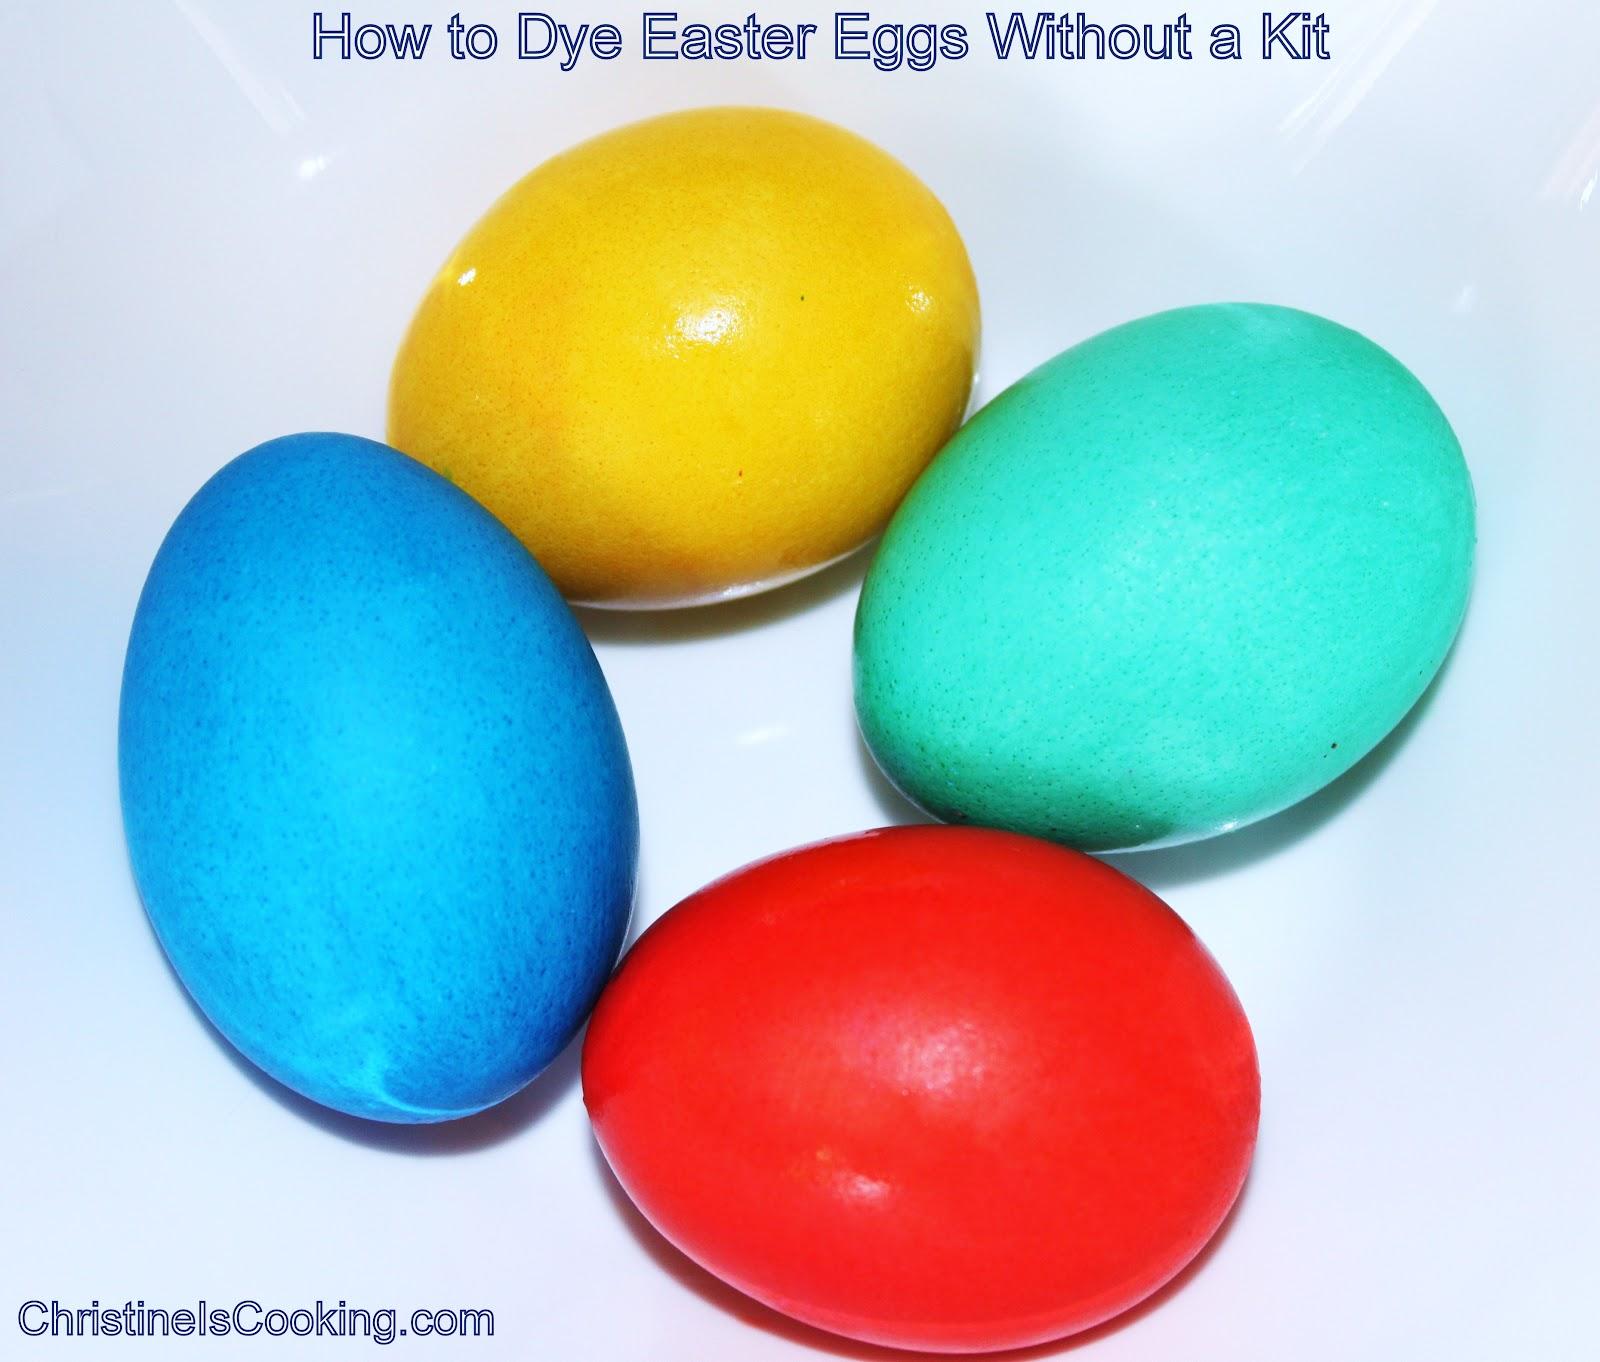 Easytopeel Hardboiled Eggs How It Made Hard Boiled